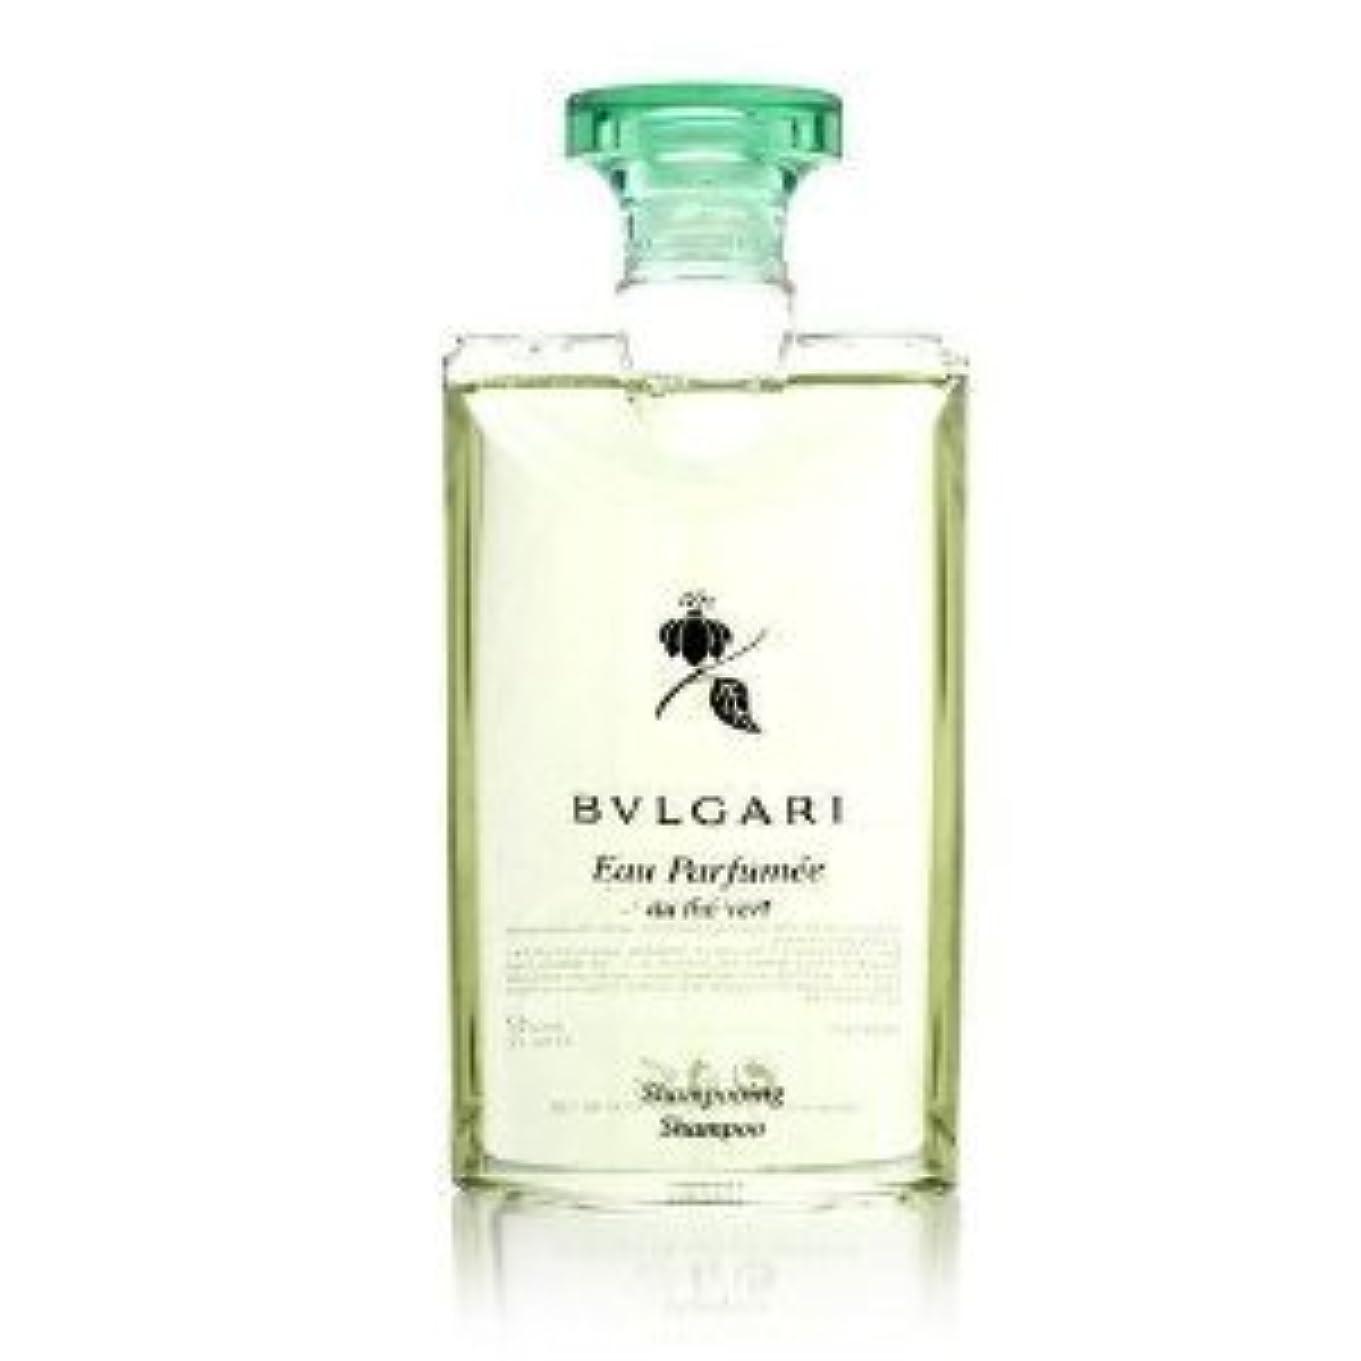 安定故障拍手するBvlgari Eau Parfumee au the vert (ブルガリ オー パフュ-メ オウ ザ バート / グリーン ティー) 2.5 oz (75ml) シャンプー